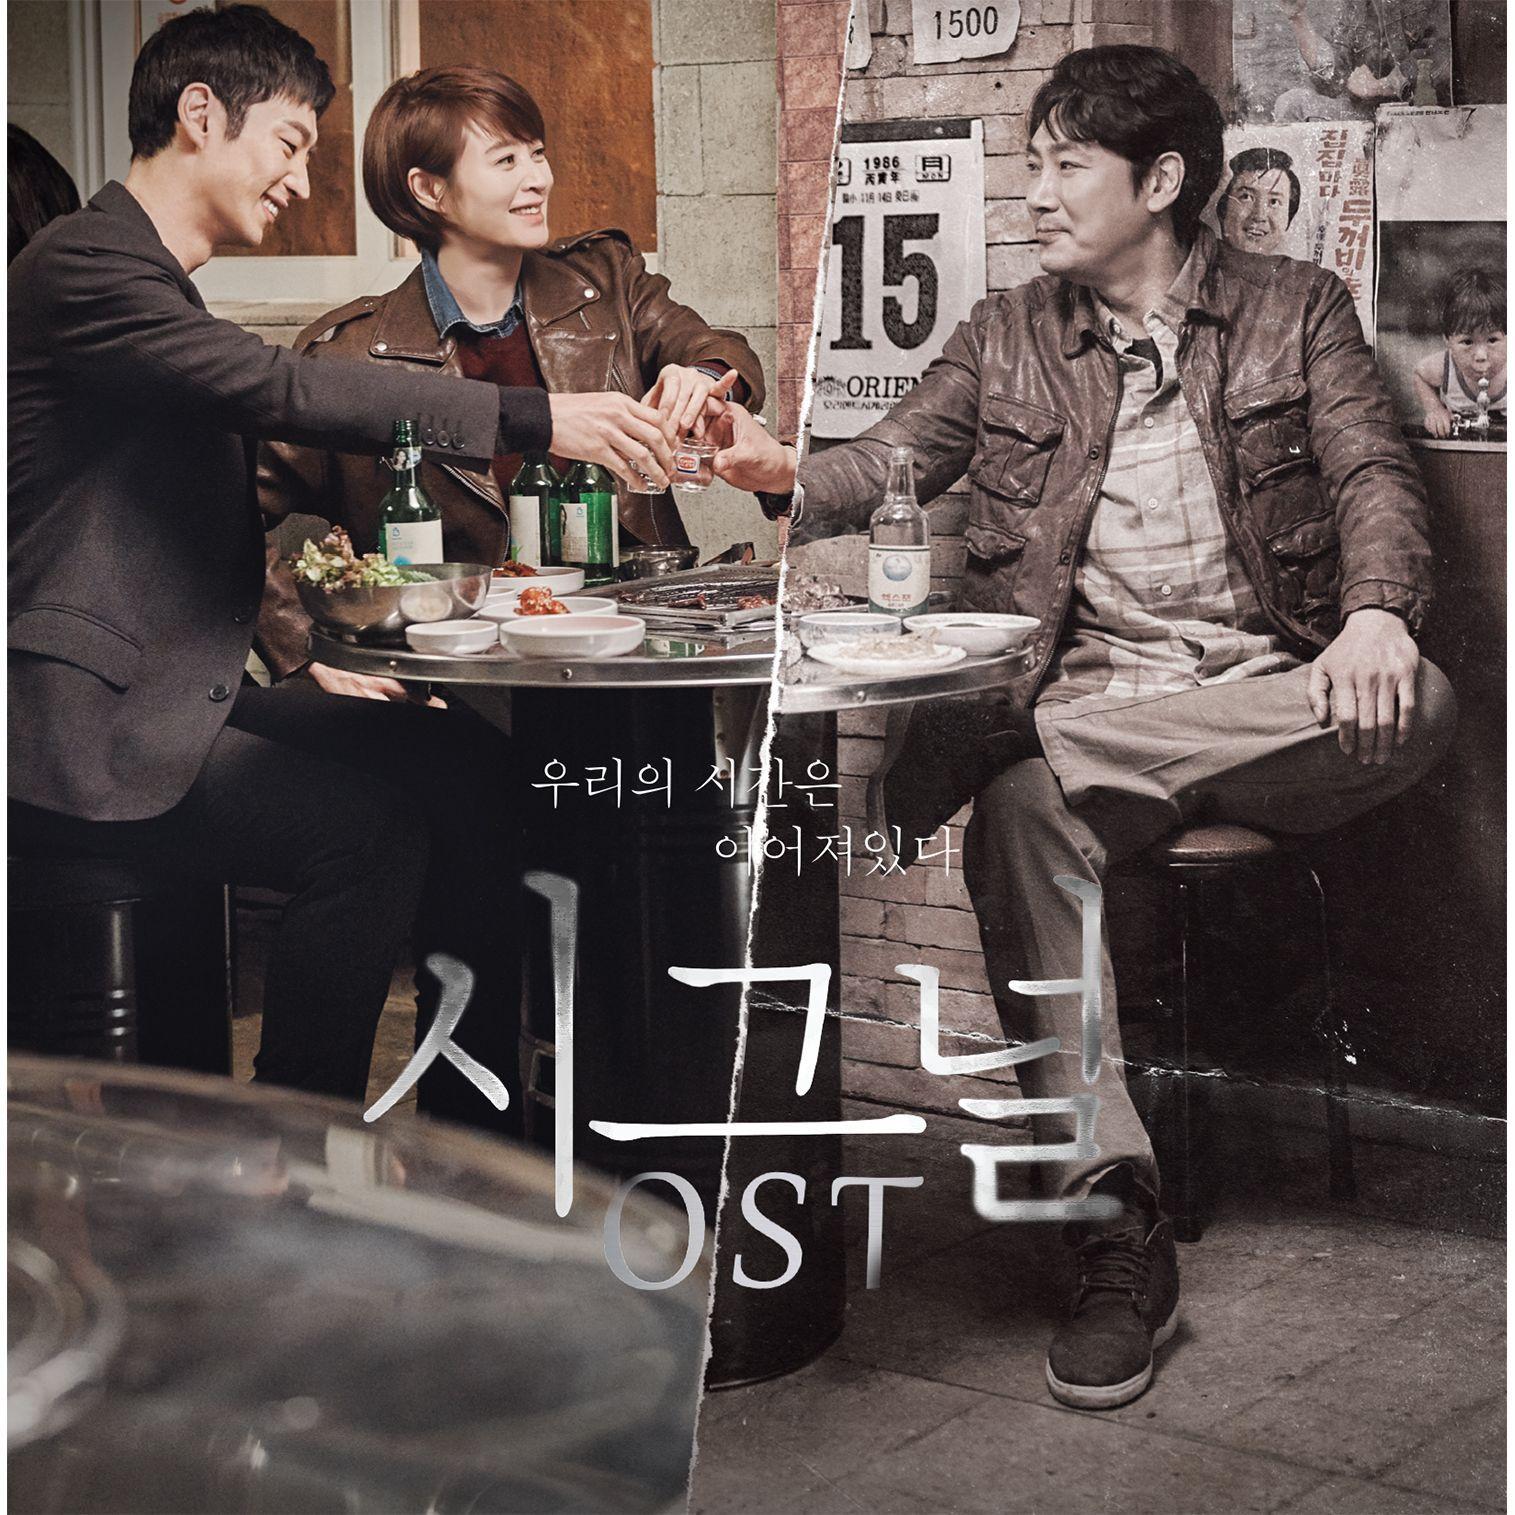 Korean drama movies, Drama, Drama movies